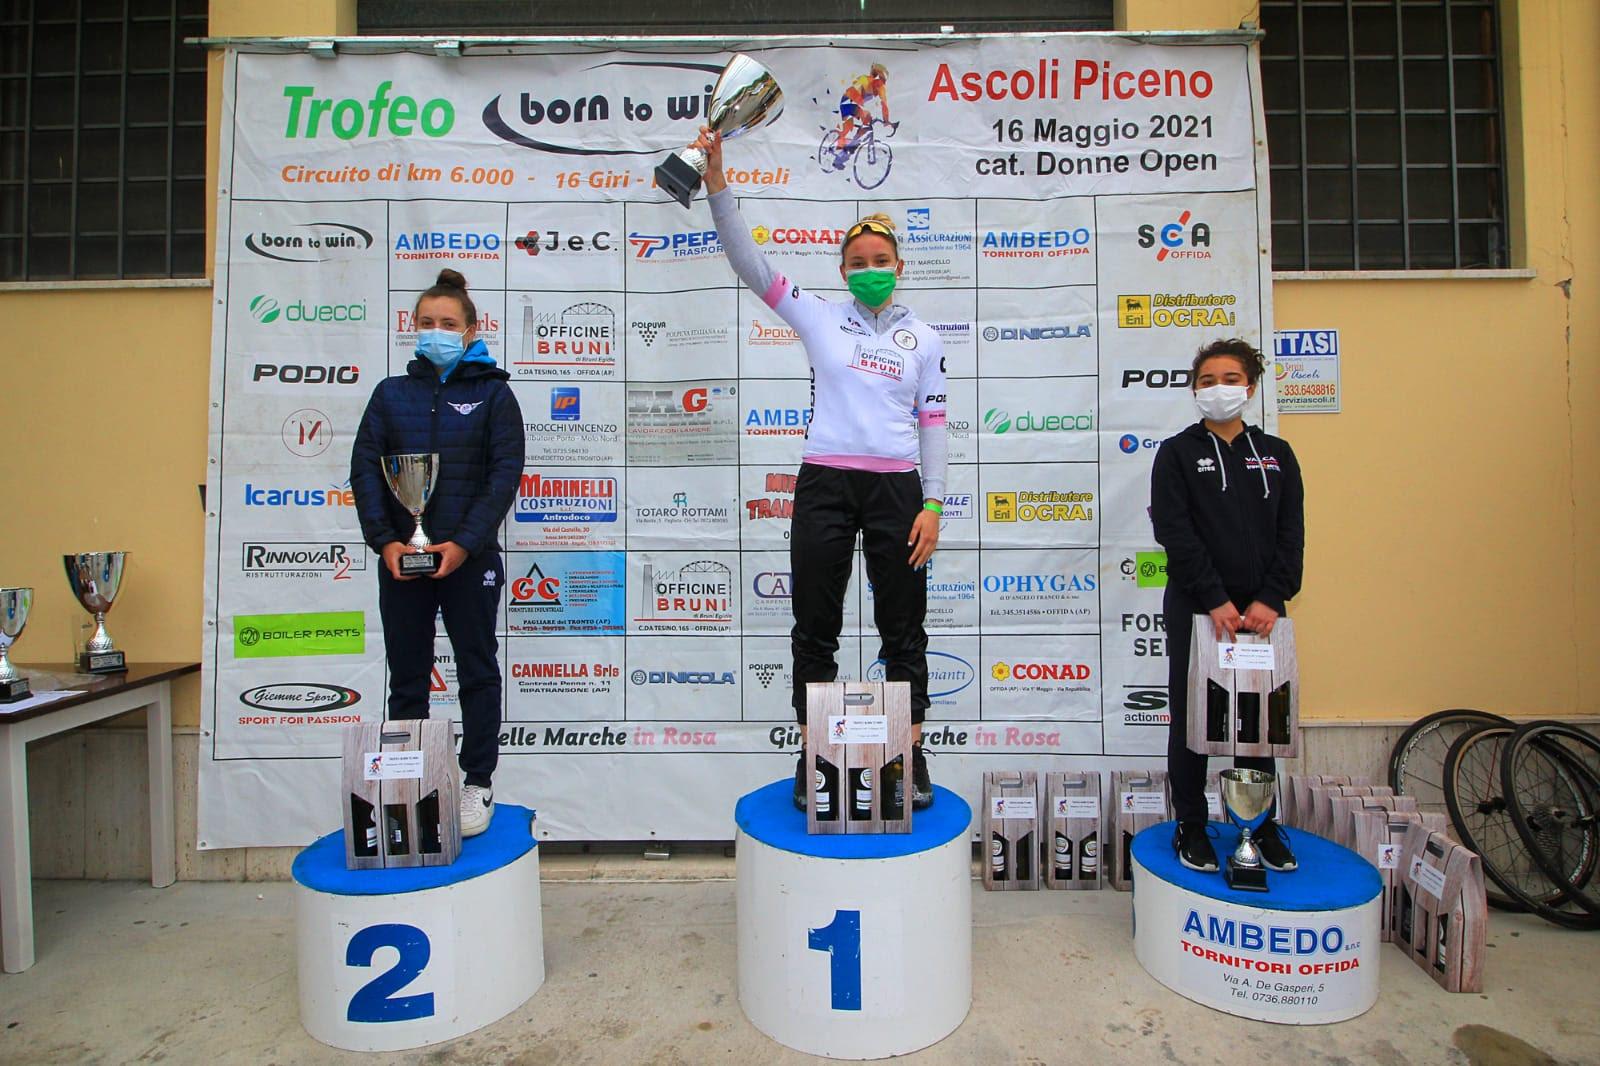 Il podio Donne Junior della gara Donne Open ad Ascoli Piceno, prima Sara Fiorin